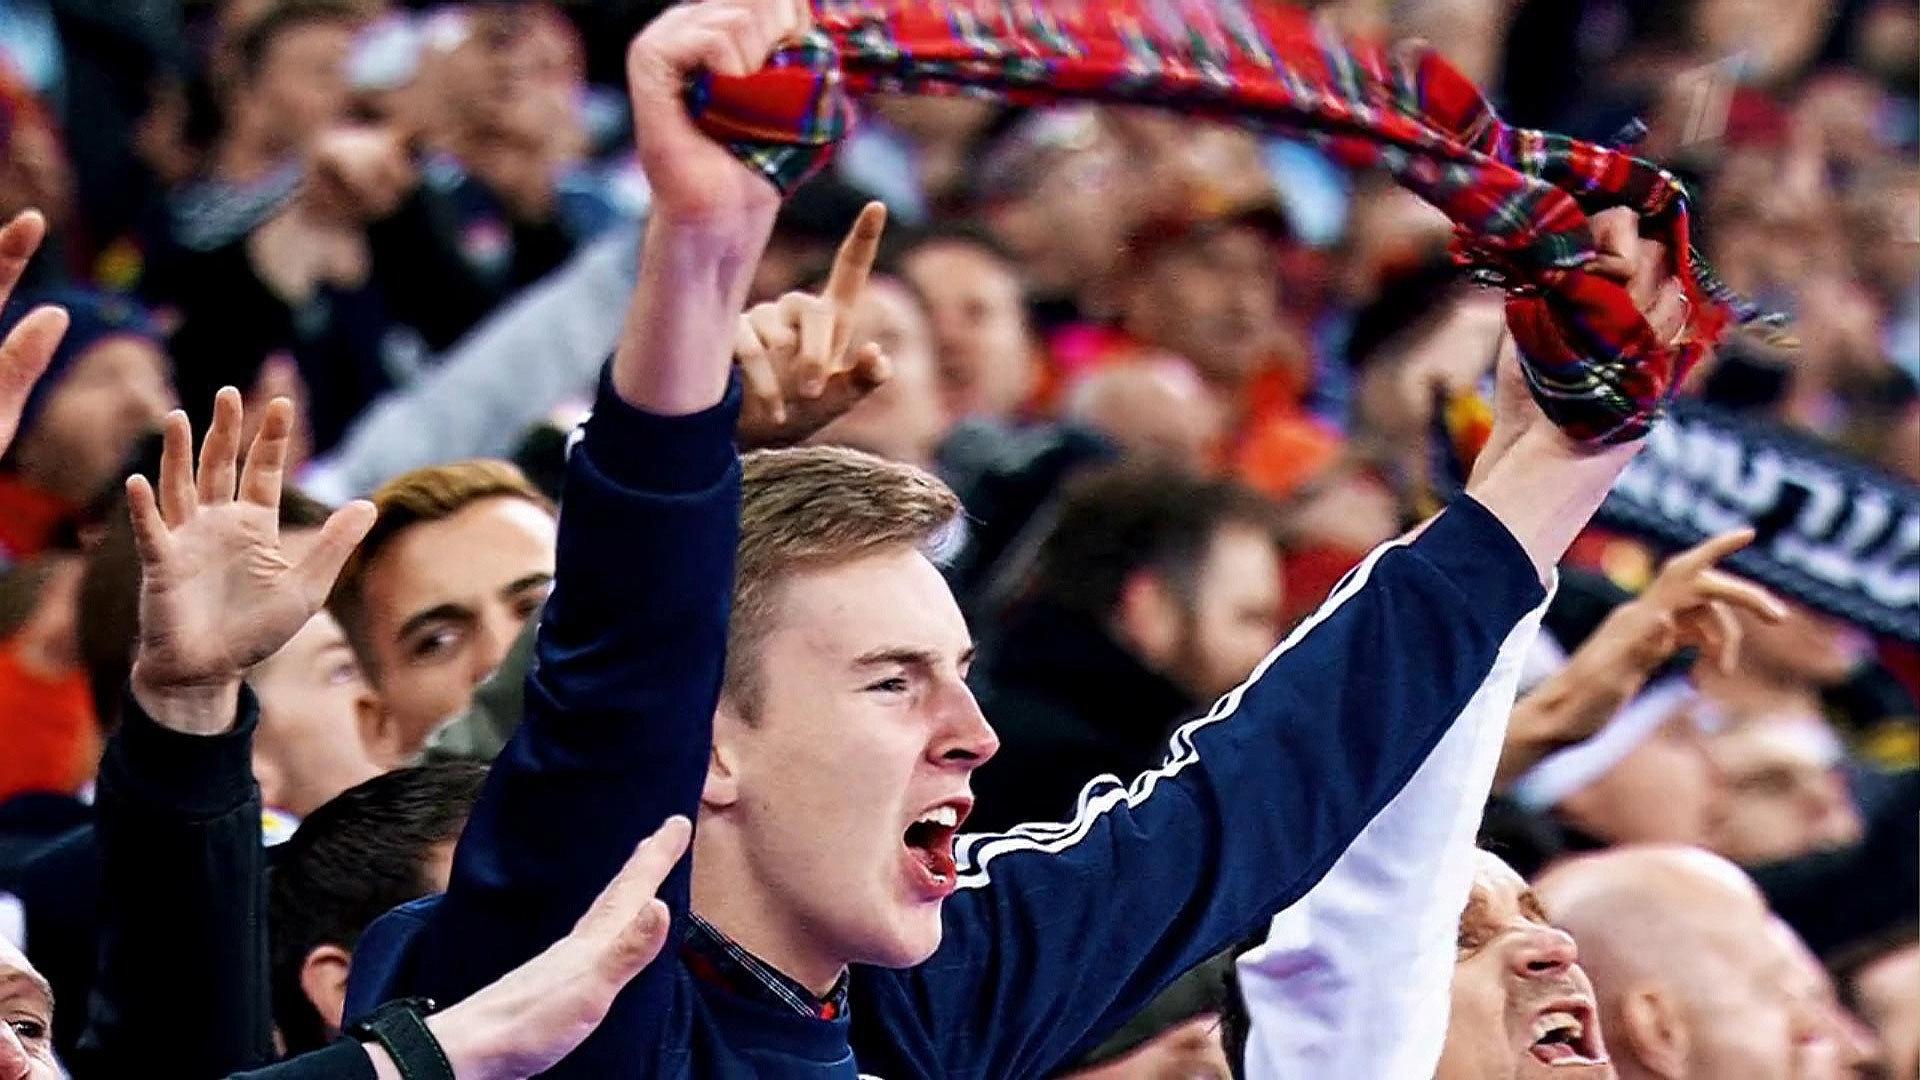 Чемпионат Европы пофутболу 2020. Сборная Англии— сборная Шотландии. Прямой эфир изАнглии